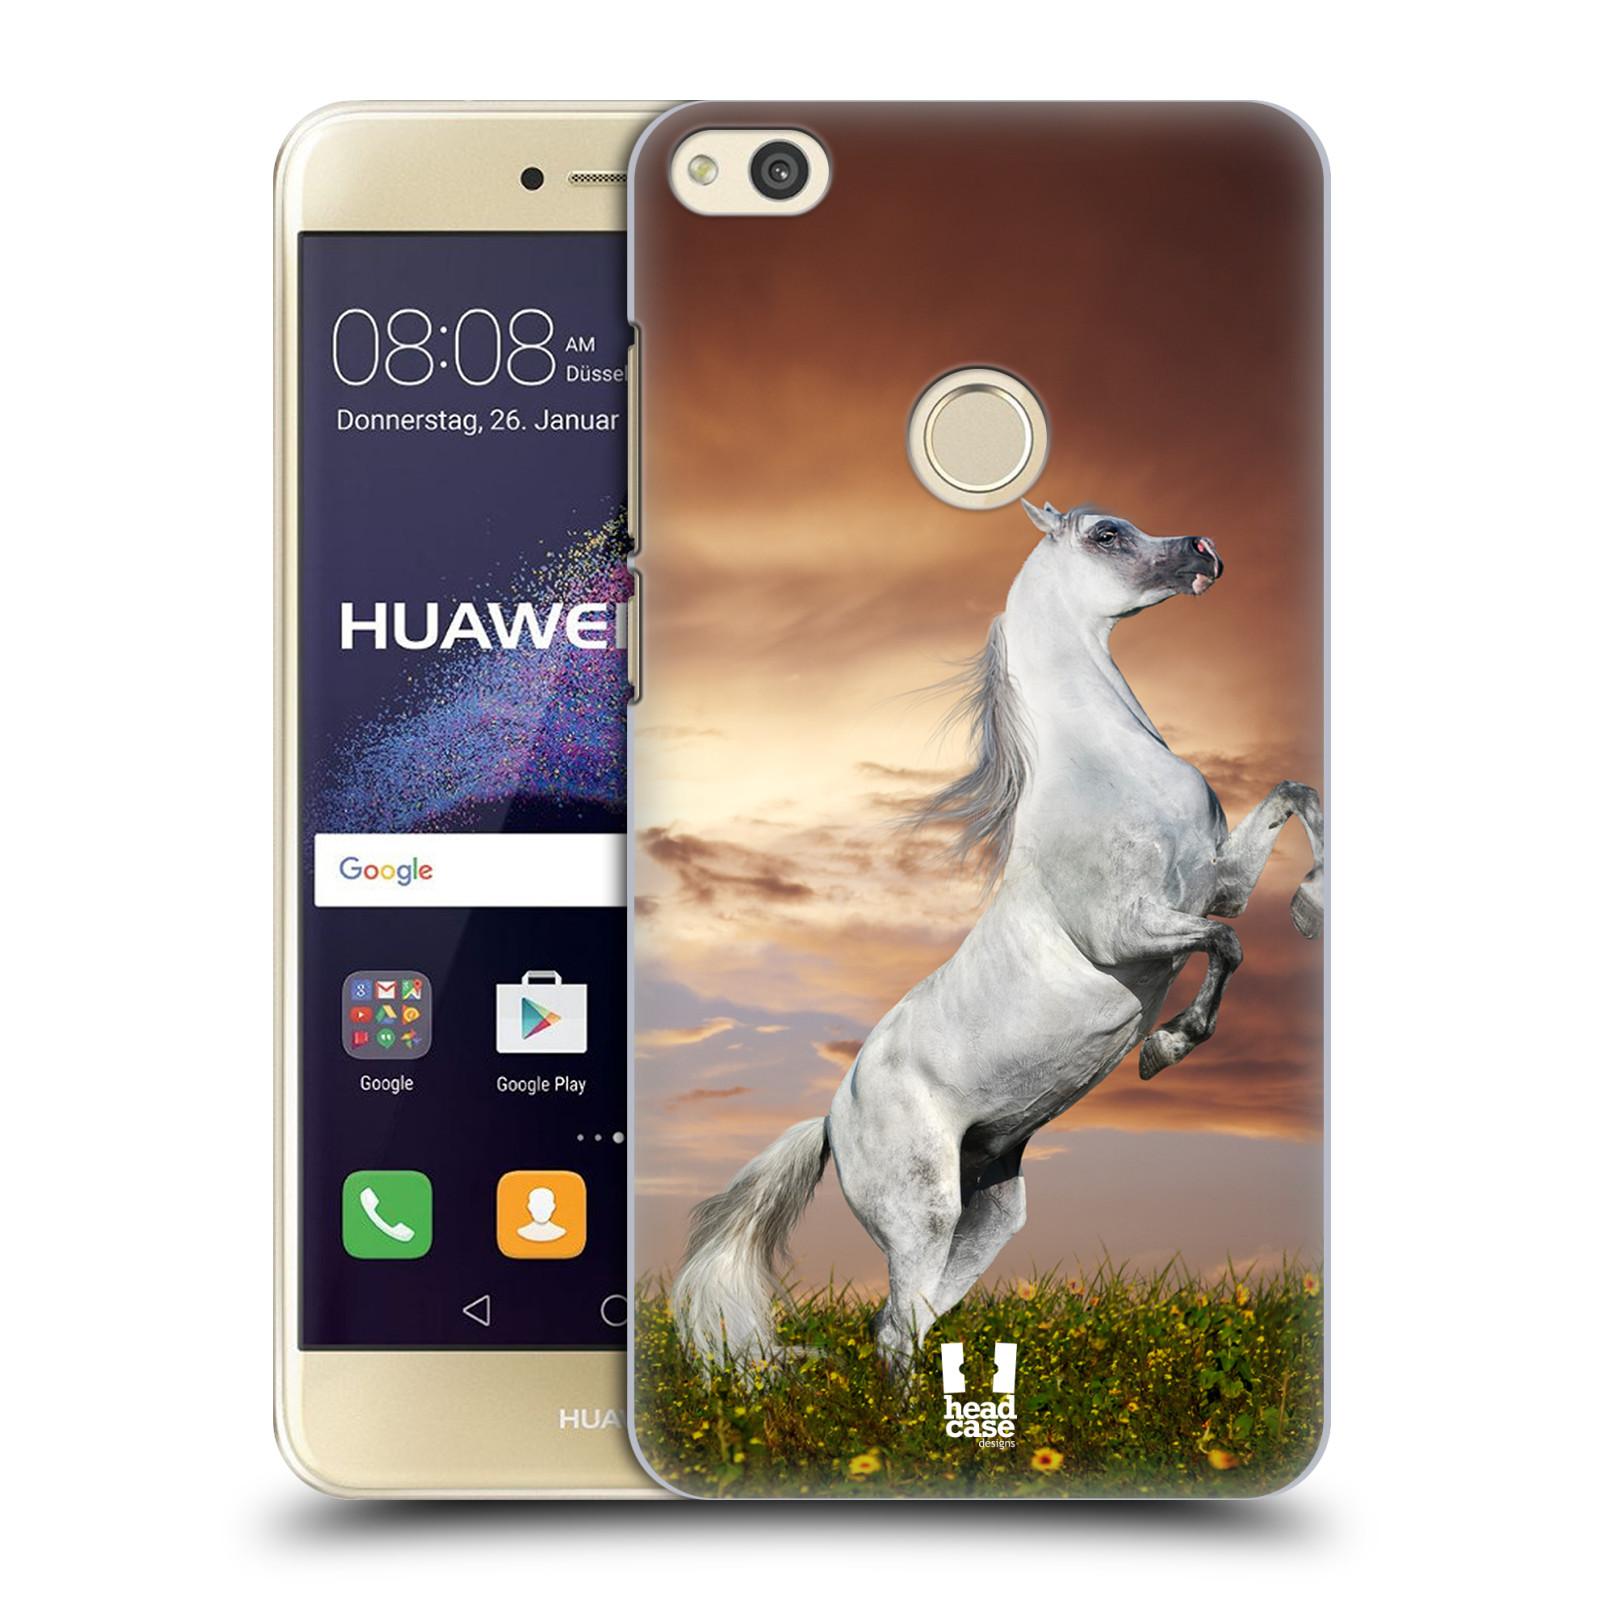 HEAD CASE silikonový obal na mobil Huawei P8 LITE 2017 vzor Divočina, Divoký život a zvířata foto DIVOKÝ KŮŇ MUSTANG BÍLÁ